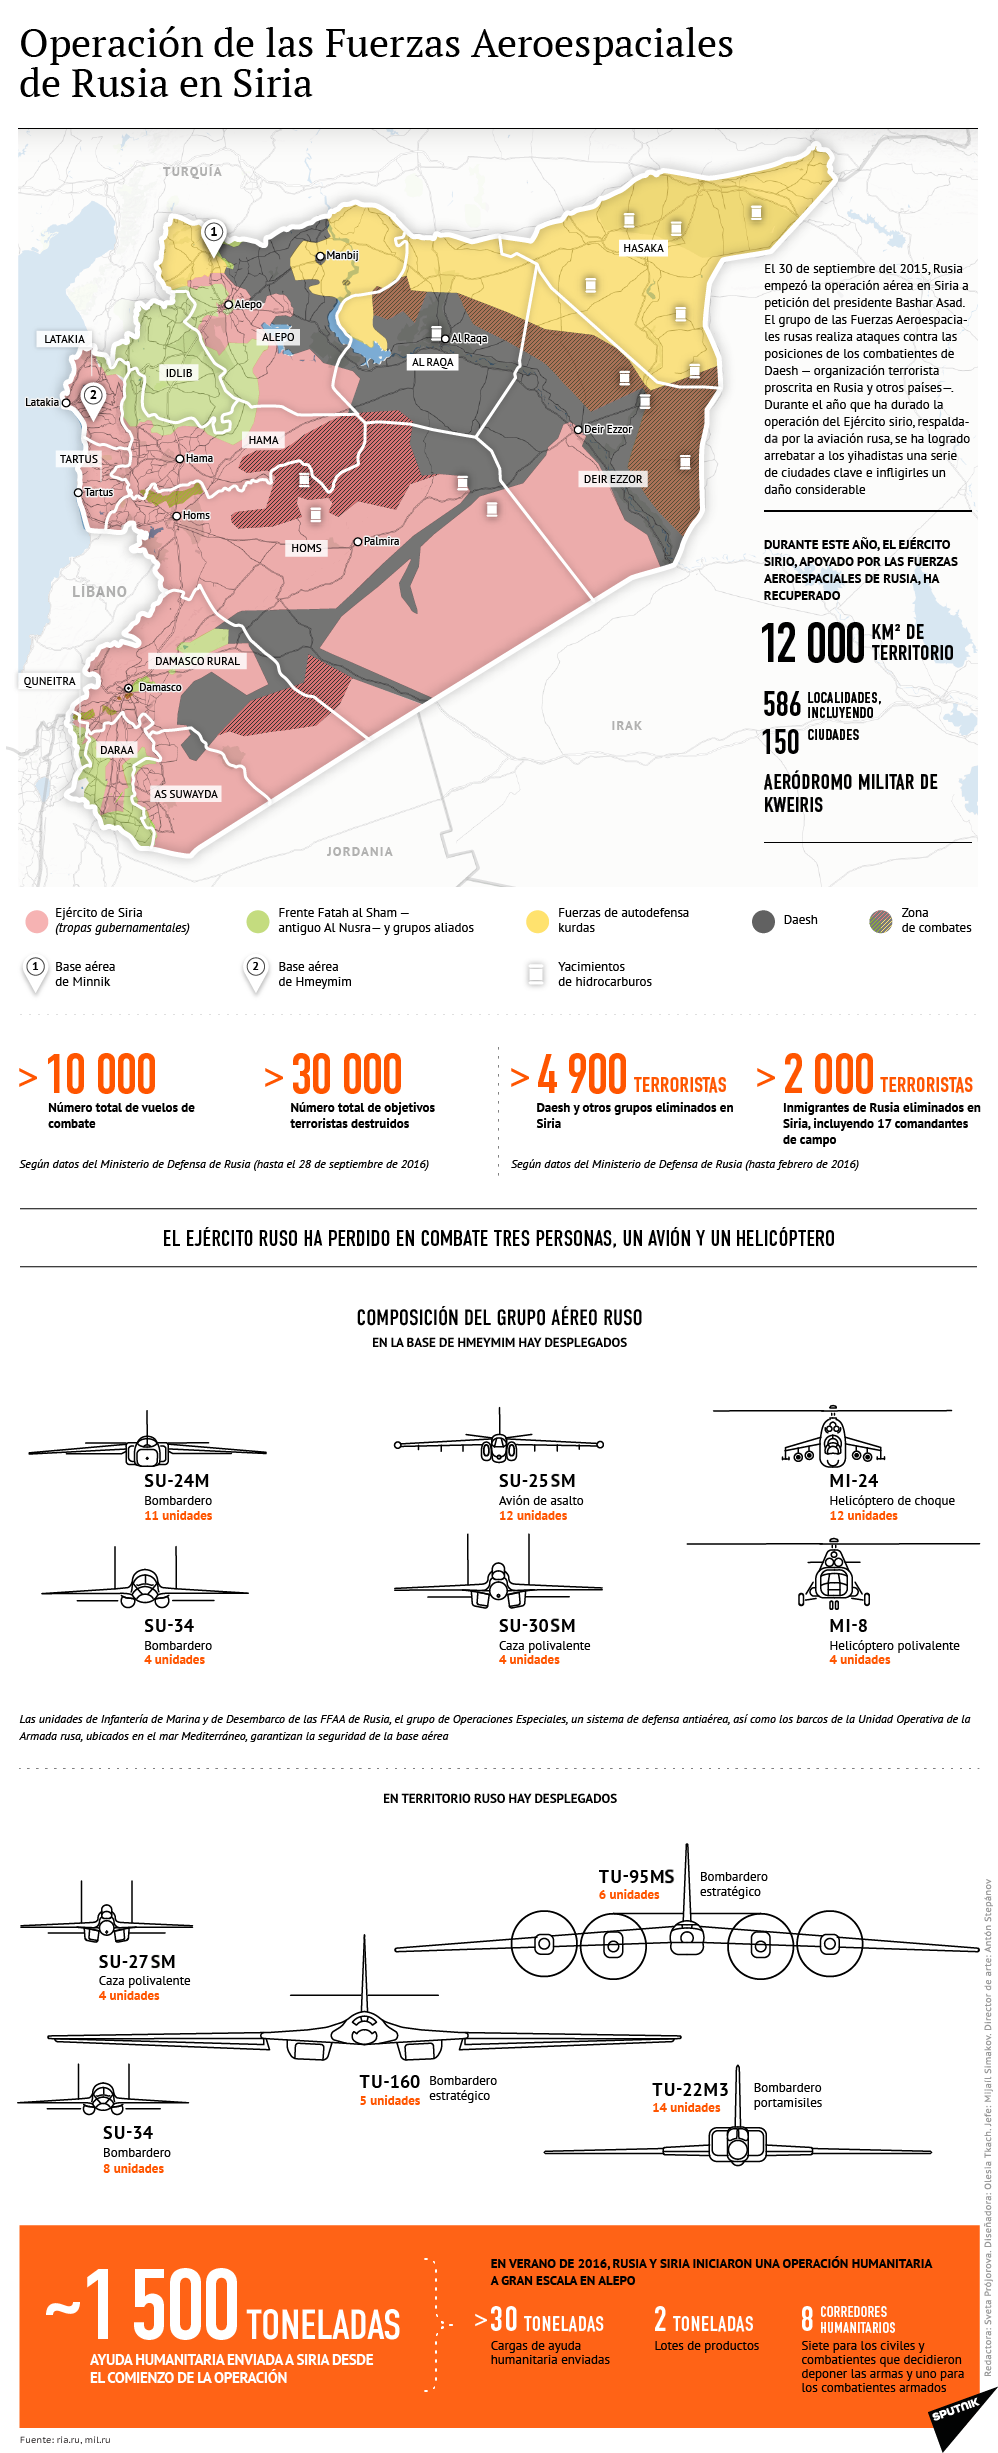 Operación de las Fuerzas Aeroespaciales de Rusia en Siria